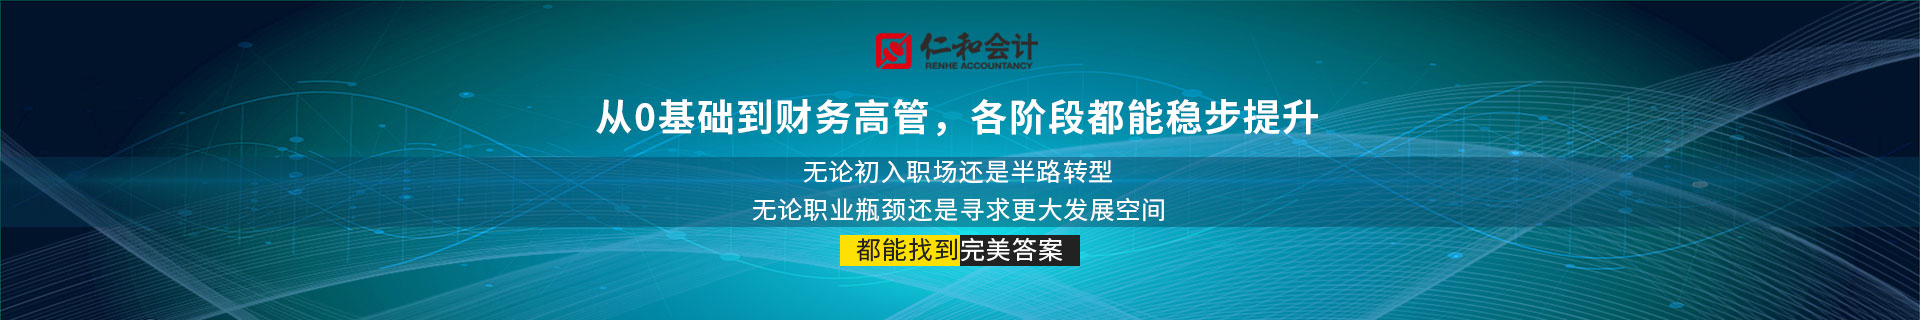 九江仁和会计培训机构